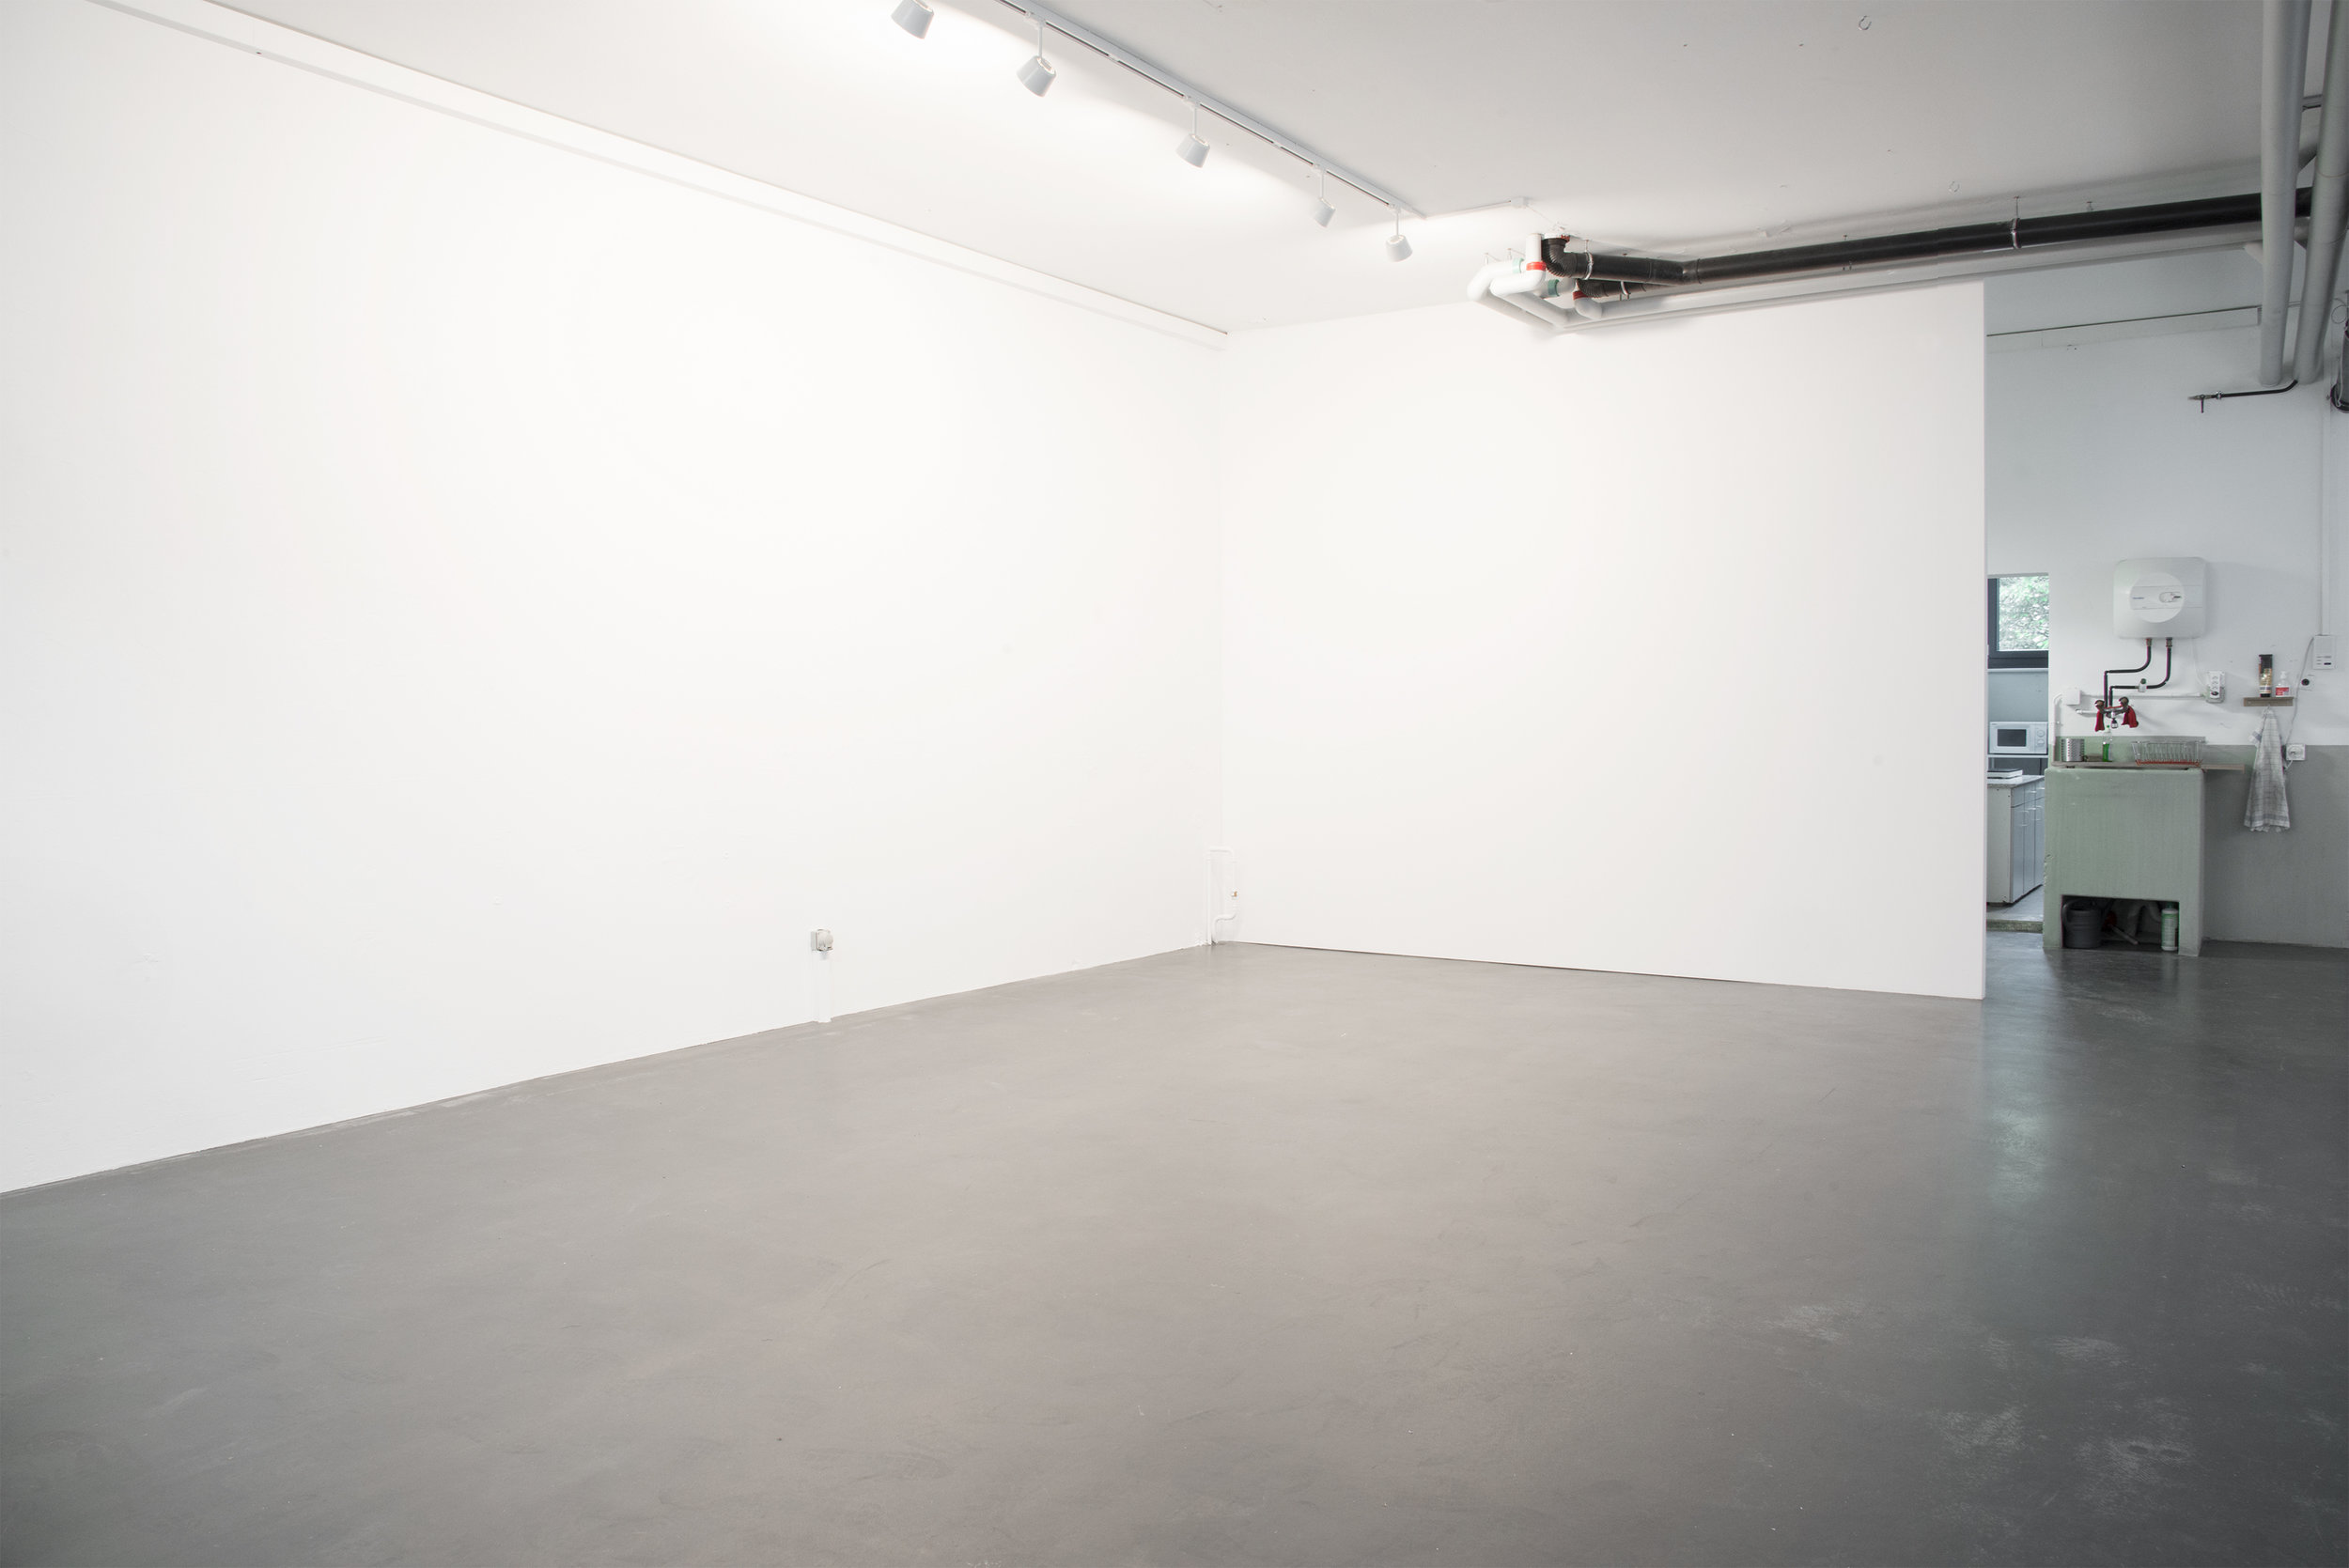 L'espace polyvalent est grand! Il accueille aisément les expositions, les conférences, les projections et peut même être aménagé en studio photo.